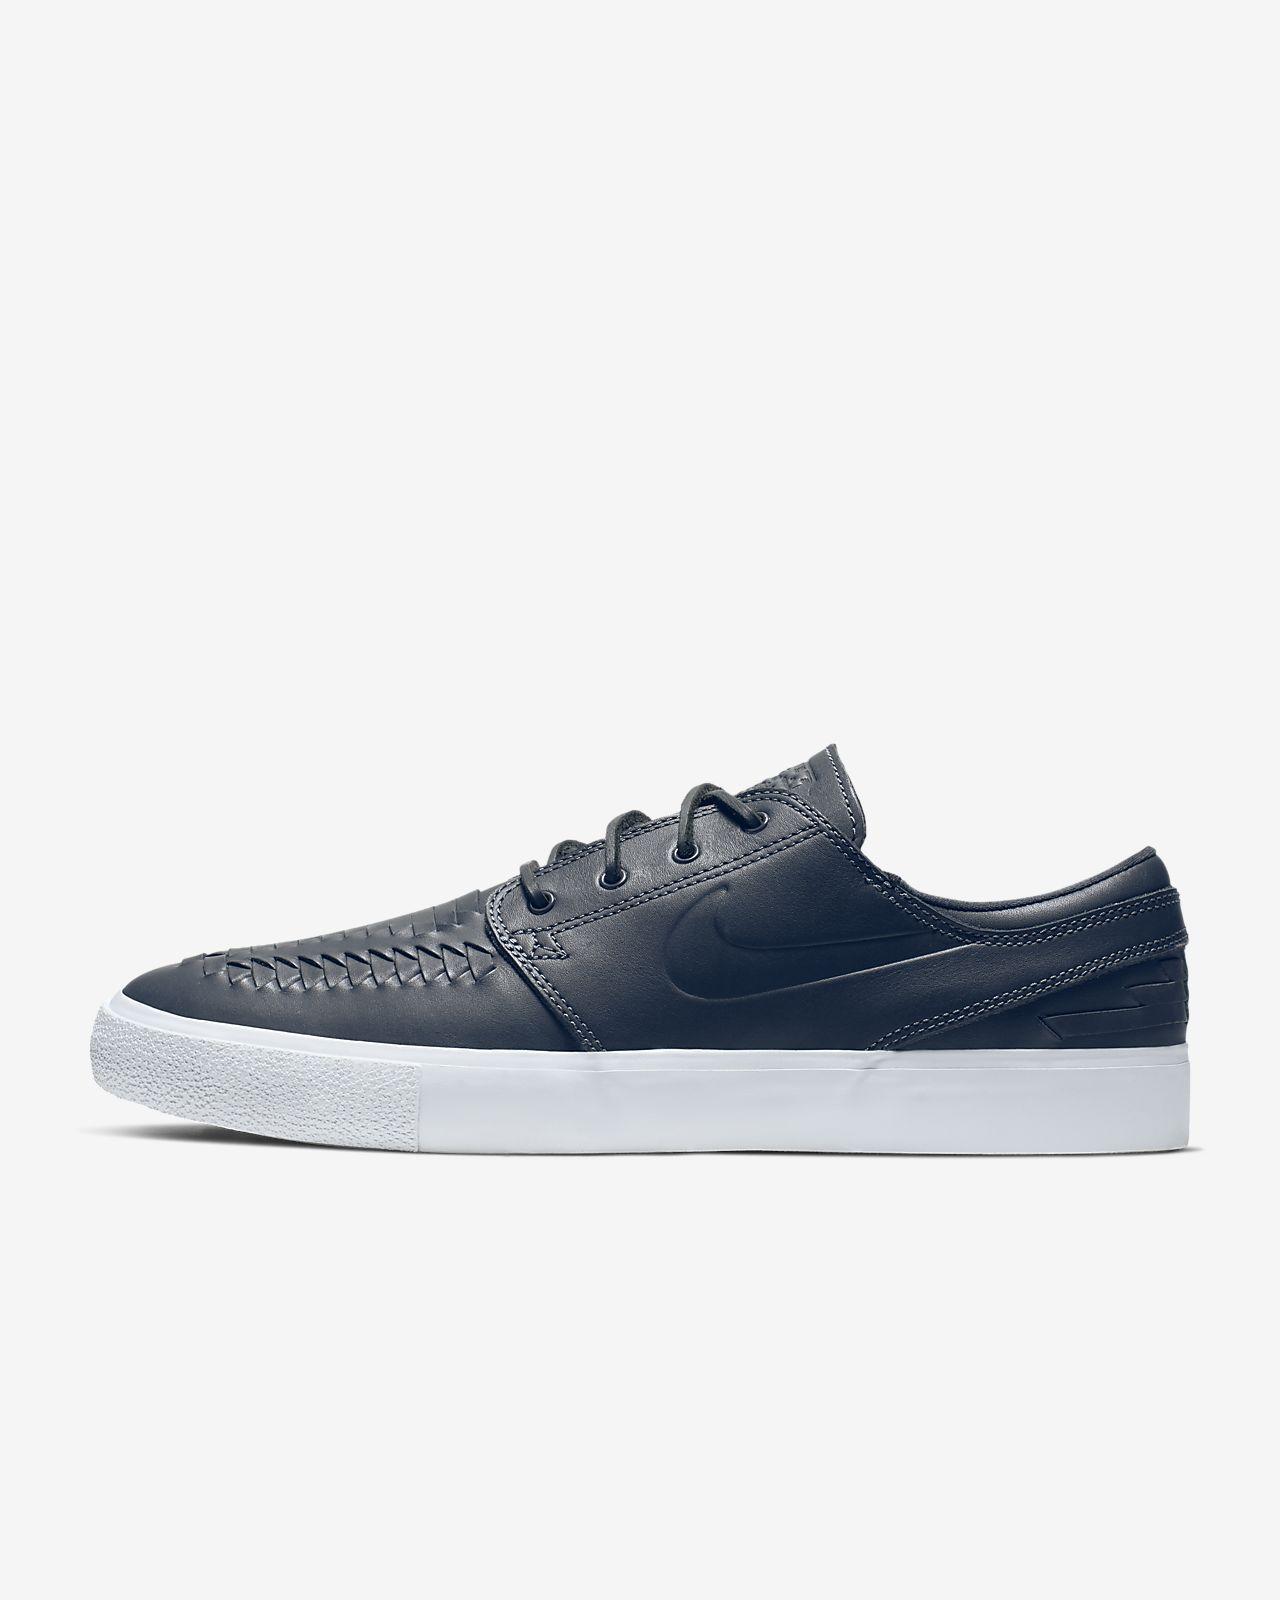 Παπούτσι skateboarding Nike SB Zoom Stefan Janoski RM Crafted